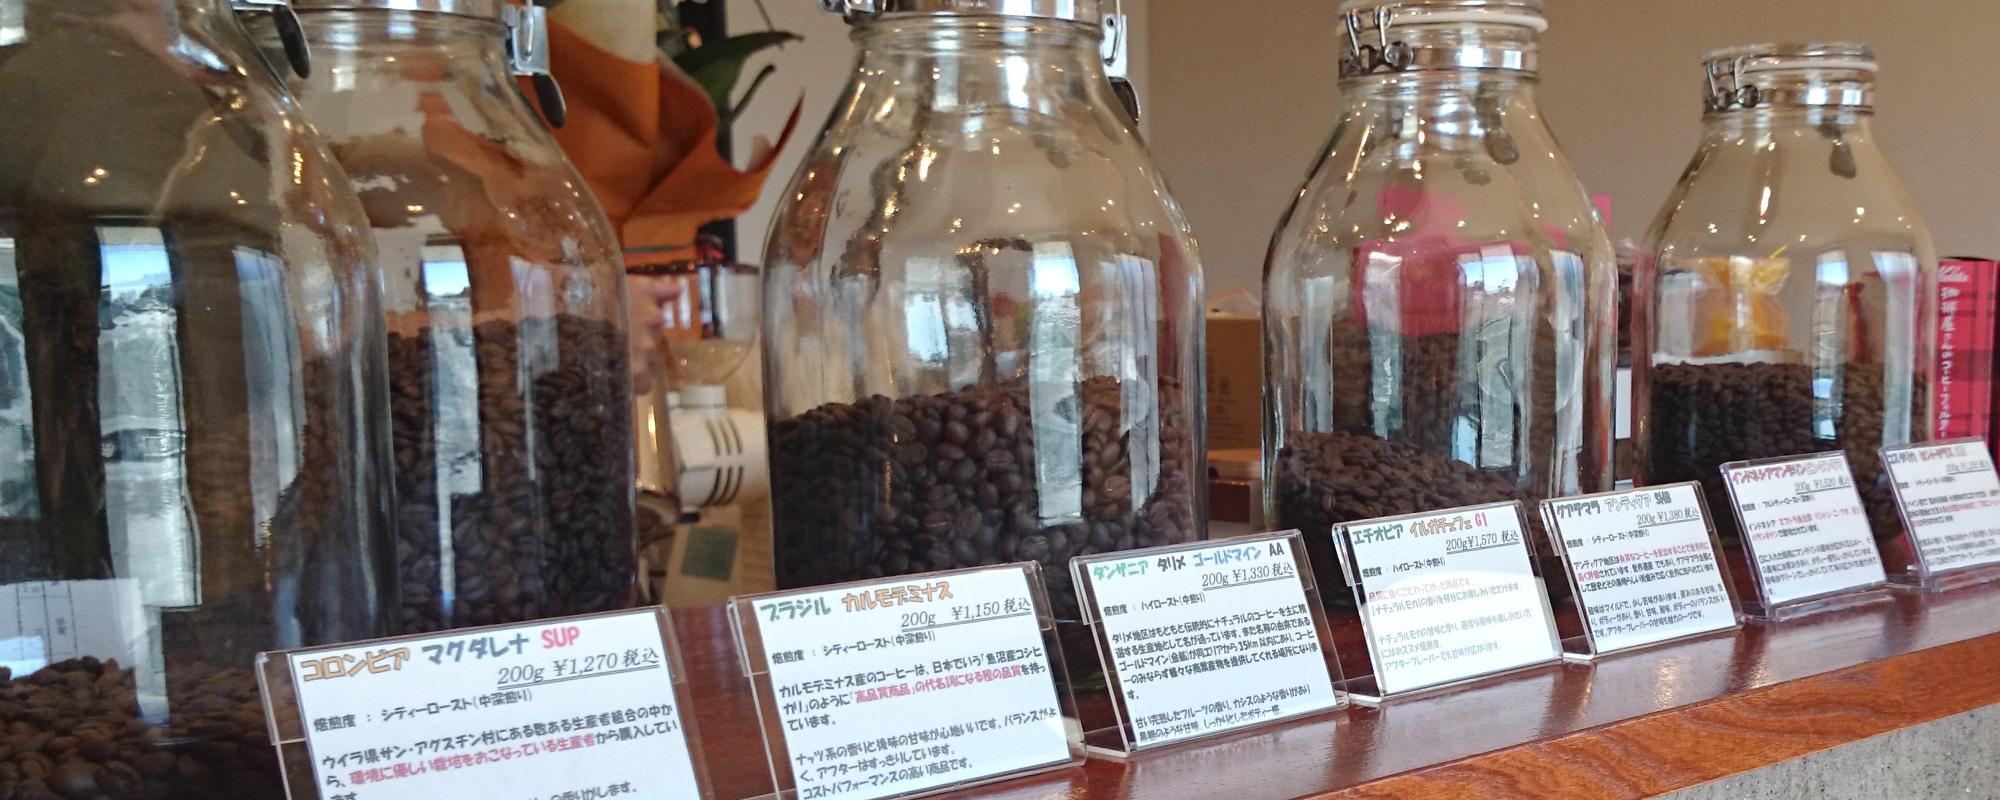 珈琲豆の写真